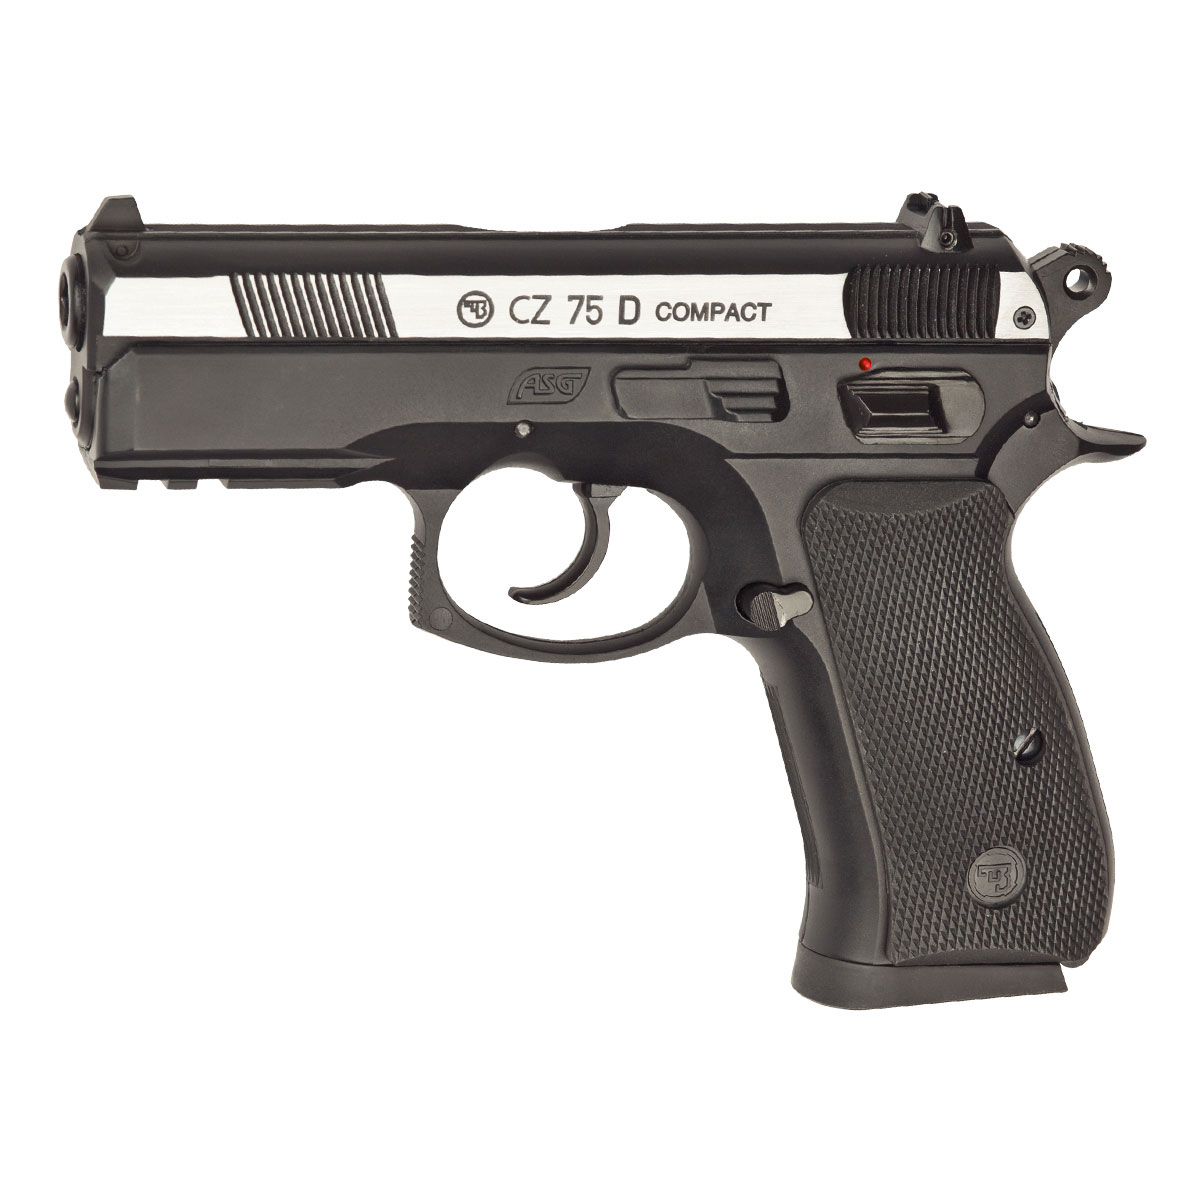 """Точная копия известной и популярной модели чешского пистолета """"CZ 75D Compact"""" с максимальной имитацией функционирования всех подвижных частей - подвижный затвор, предварительный взвод курка, регулируемый целик, планка """"Вивера"""" под стволом для крепления фонаря или ЛЦУ.Версия не-блоубэк (при выстреле """"затвор"""" остаётся неподвижным).Версия Dual Tone отличается хромированным покрытием затвора.Возврат  товара  возможен только при наличии заключения сервисного центра.Время работы сервисного центра: Пн-чт: 10.00-18.00Пт: 10.00- 17.00Сб, Вс: выходные дниАдрес: ООО """"ГАТО"""", 121471, г.Москва,  ул.  Петра  Алексеева,  д  12., тел. (495)232-4670, gato@gato.ru"""